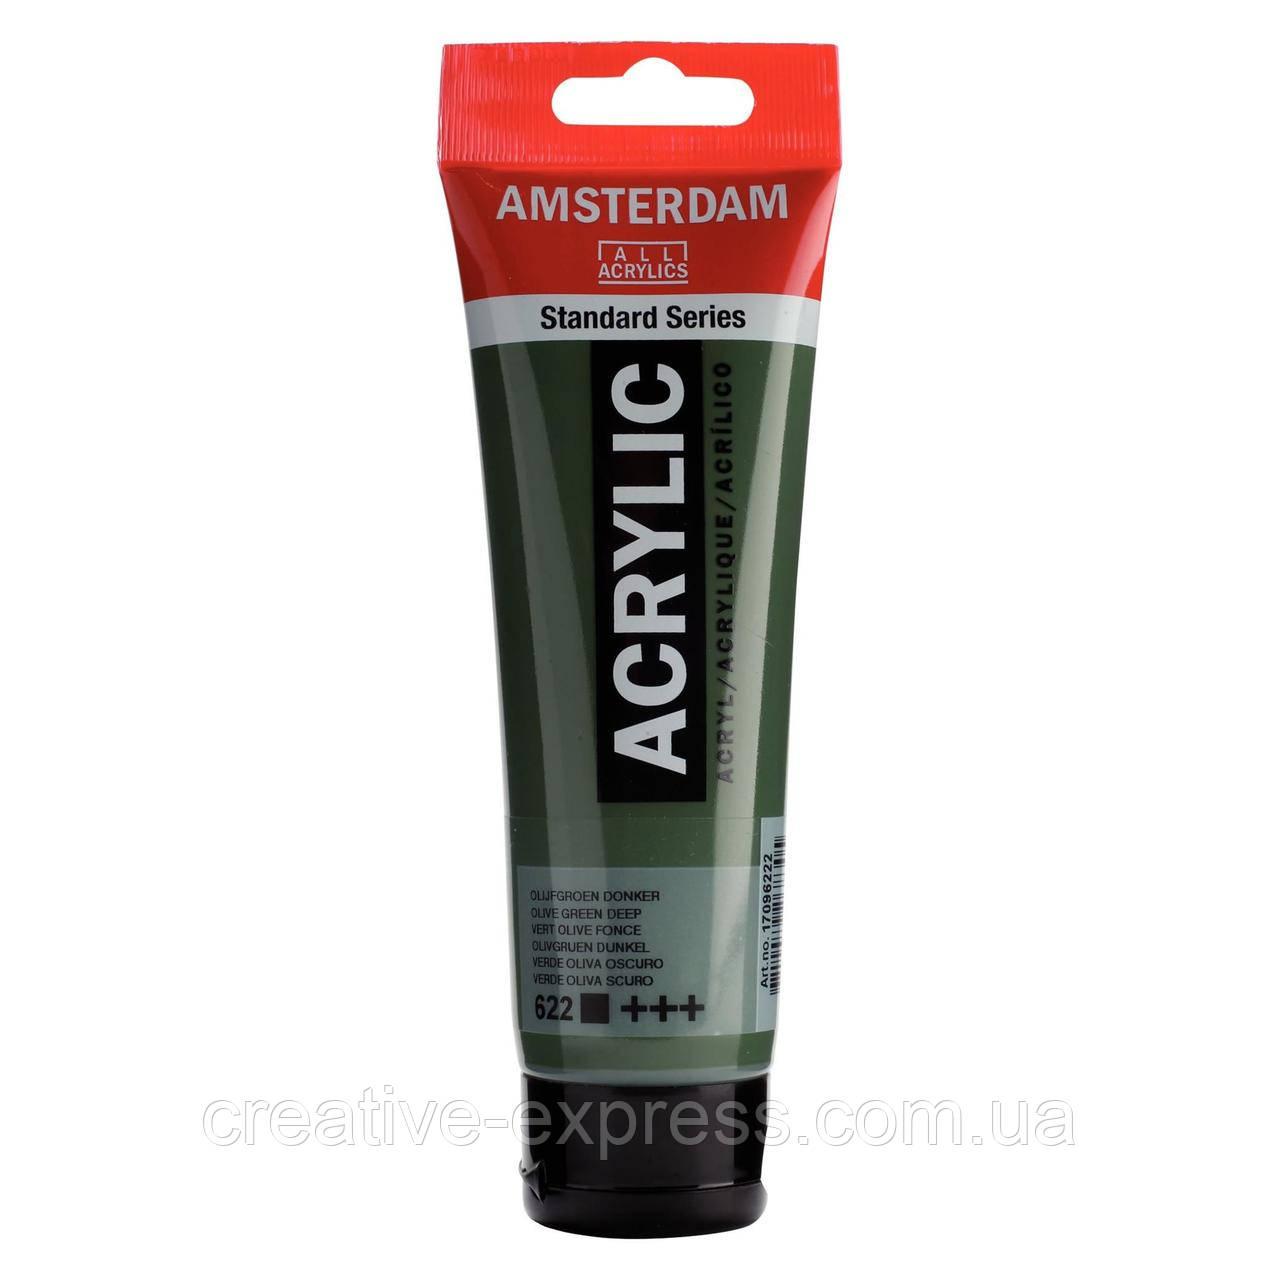 Фарба акрилова AMSTERDAM, (622) Оливковий зелений темний, 120 мл, Royal Talens